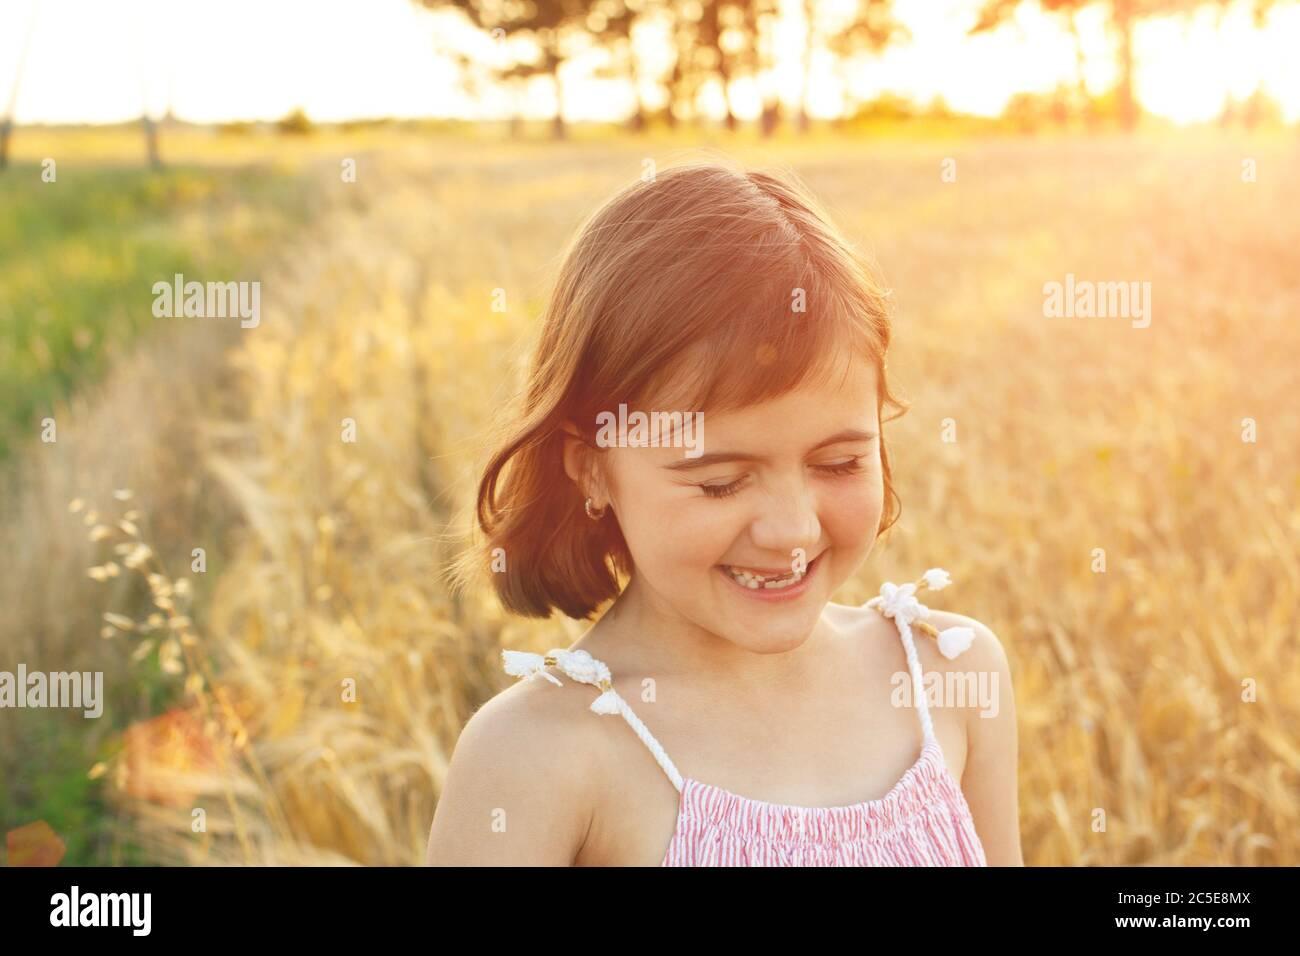 Chica divertida se ríe en un paseo por el campo al atardecer. El concepto de la infancia real, detox digital, vacaciones de verano, la felicidad. Foto de stock